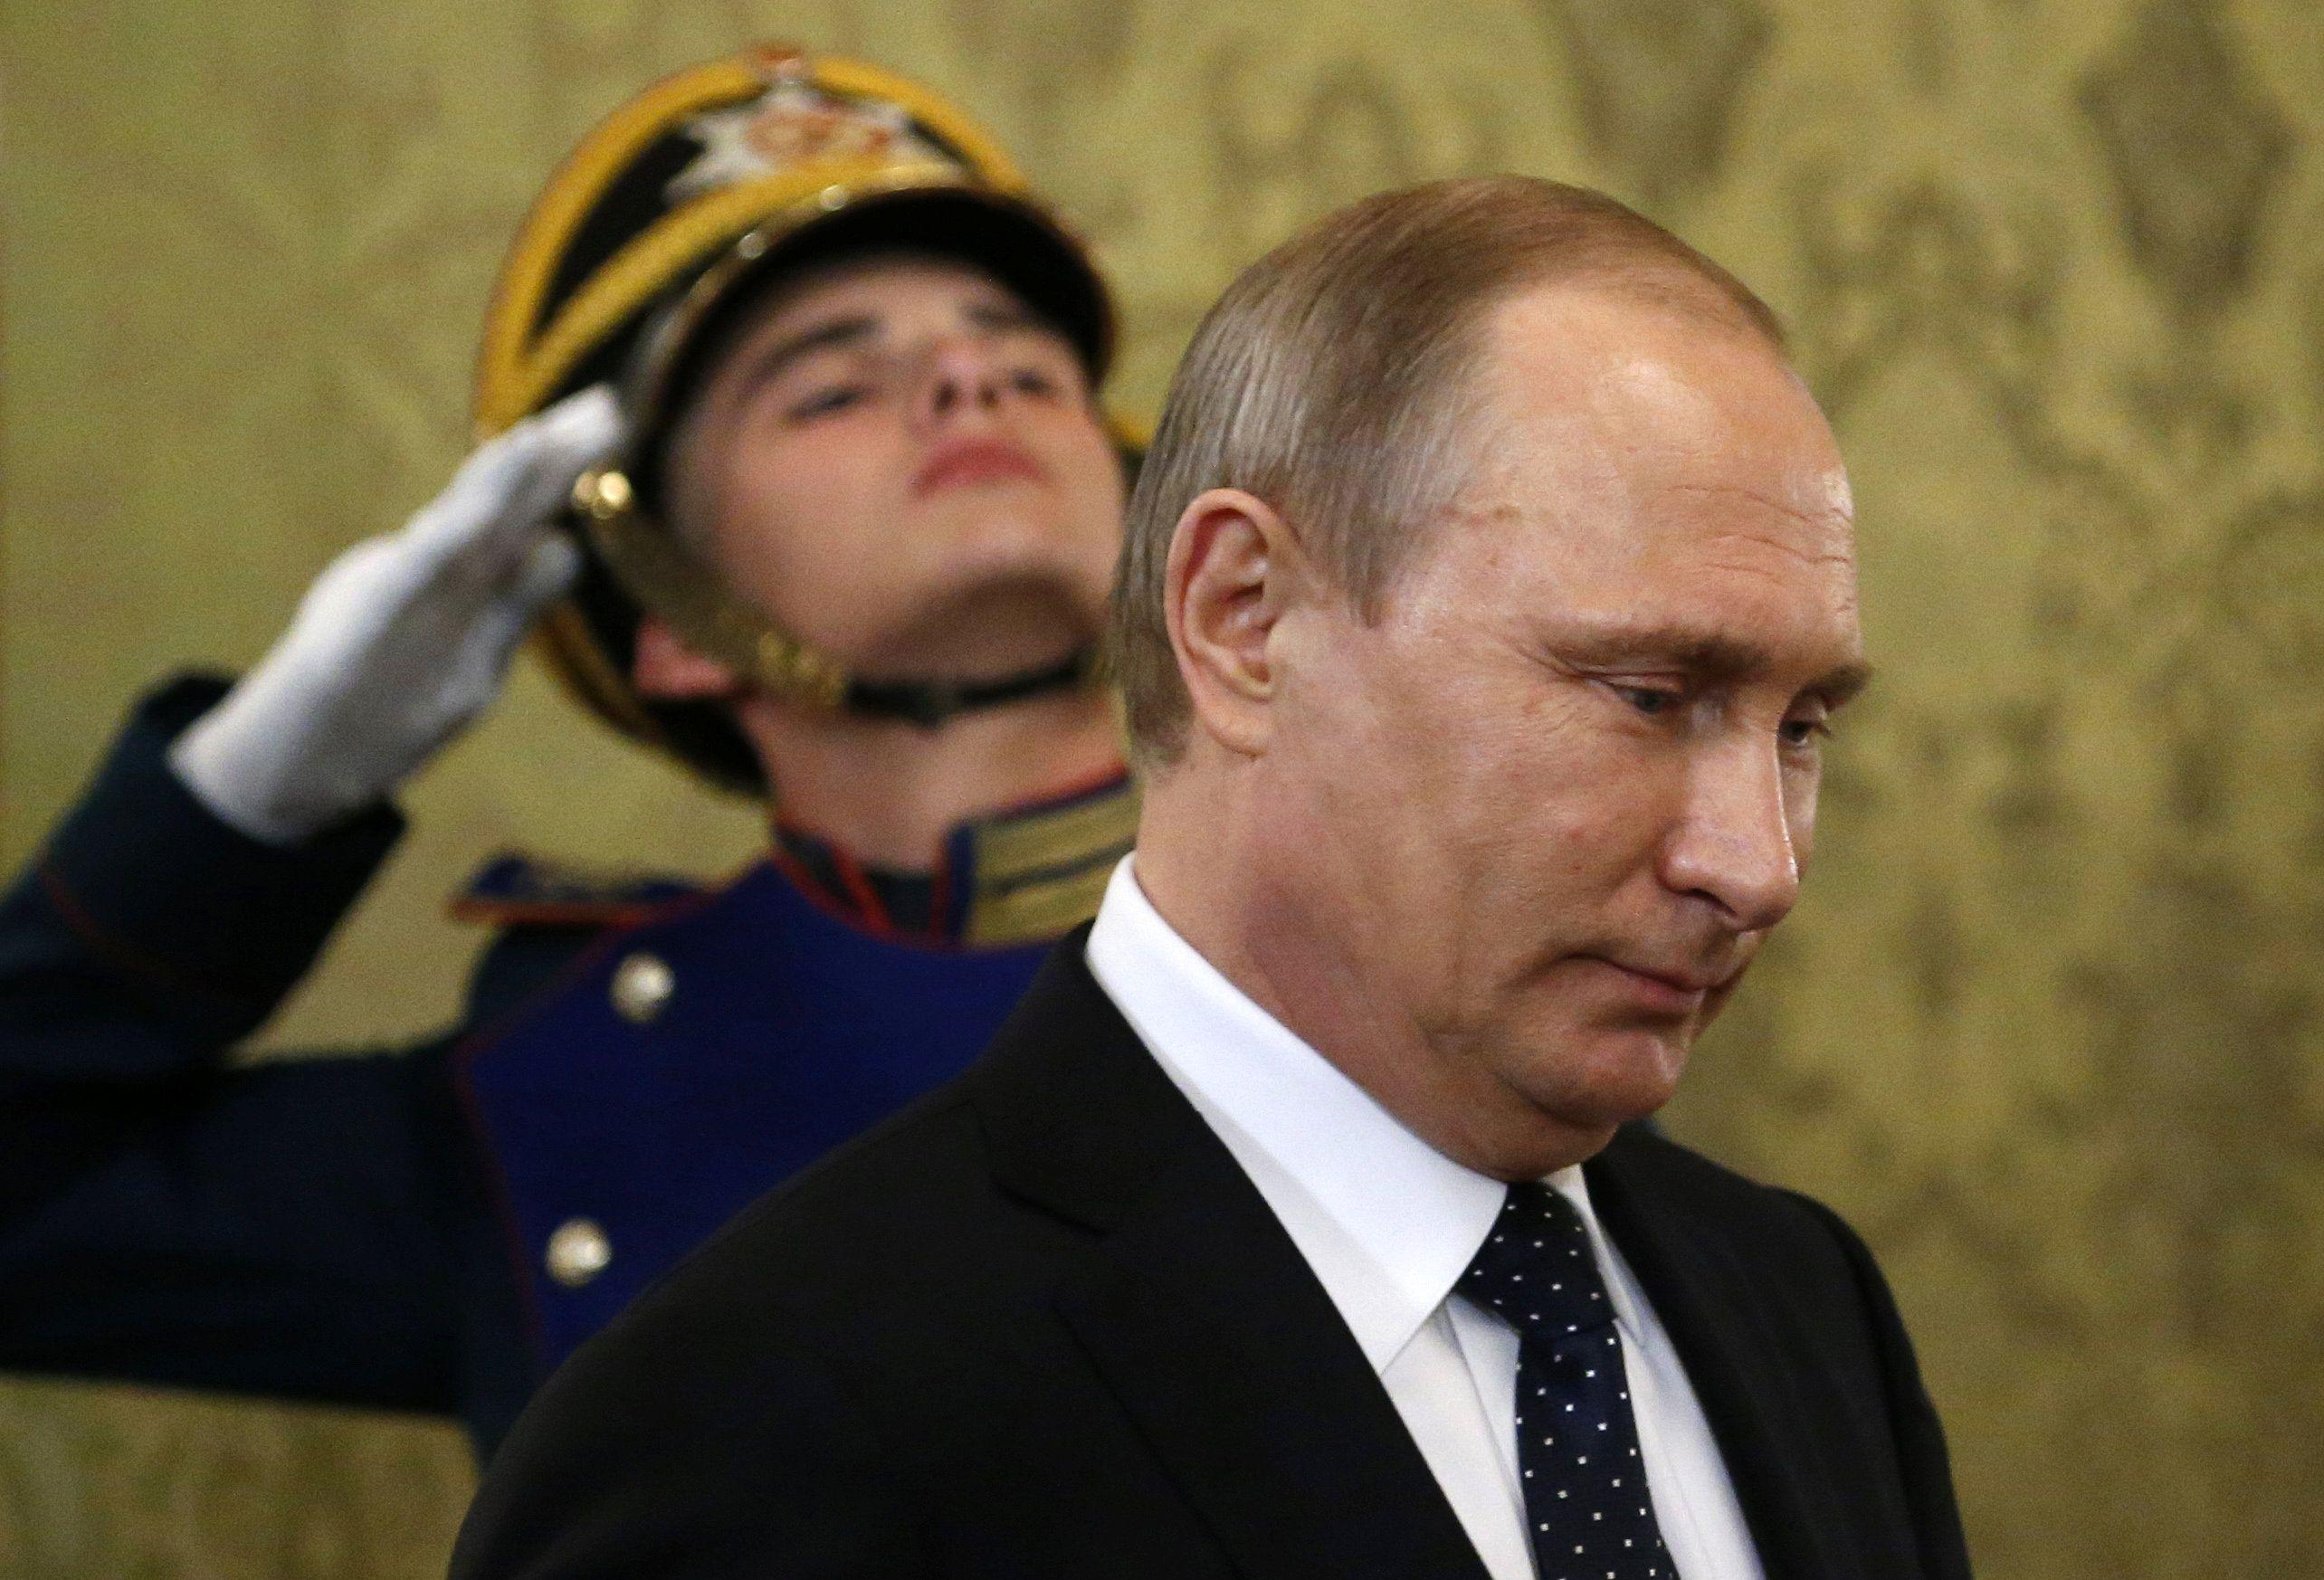 Професор Андрій Зубов: Рейтинг Путіна посипався, в Кремлі починається боротьба за путінський спадок